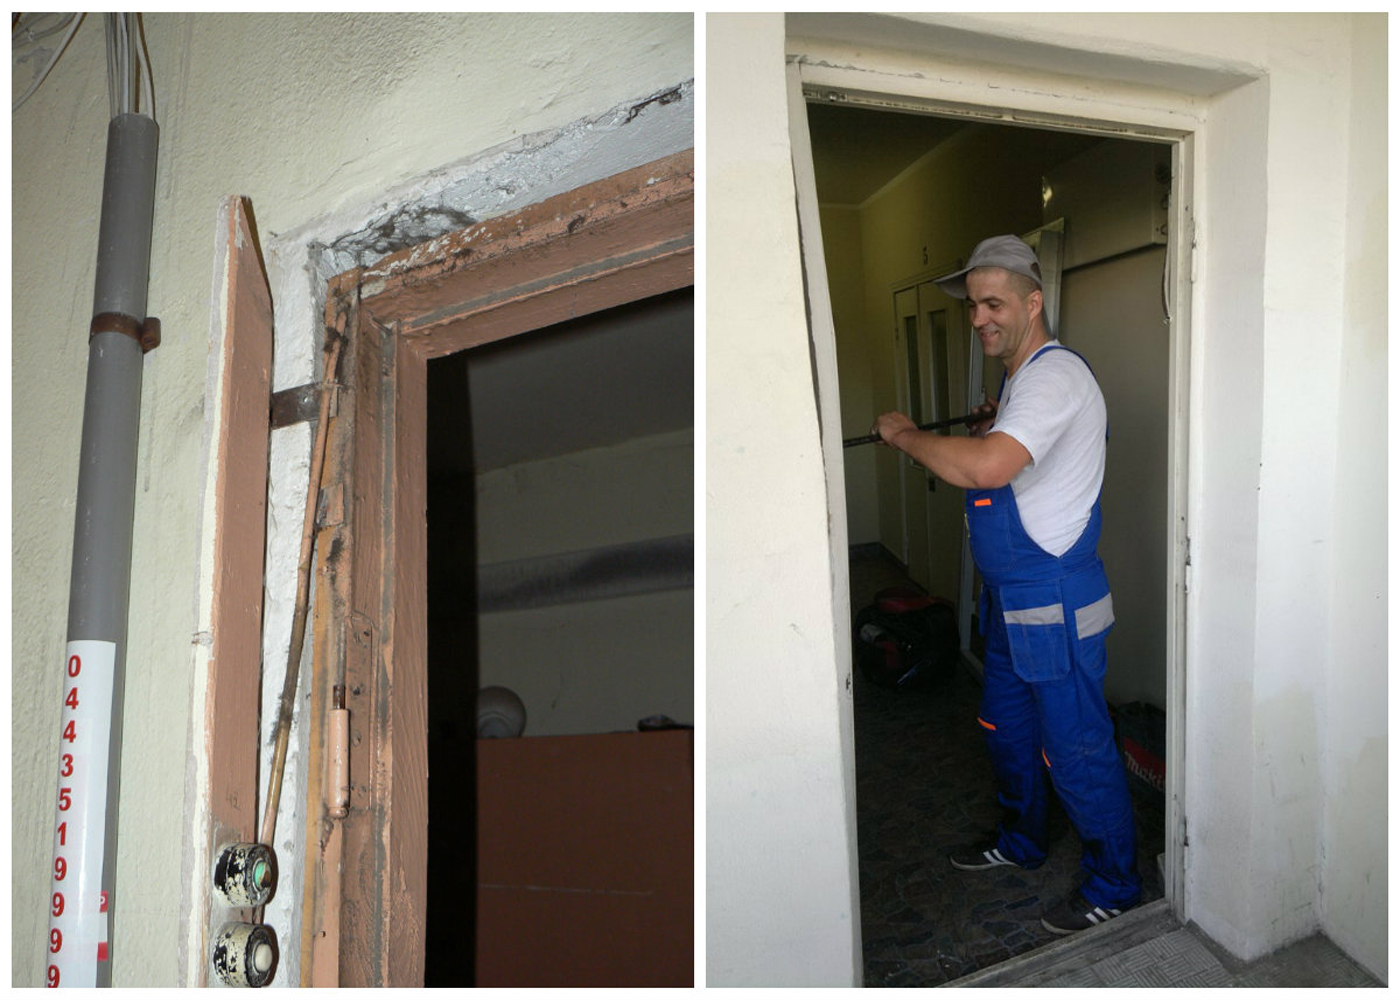 расценки на демонтаж и монтаж входной двери